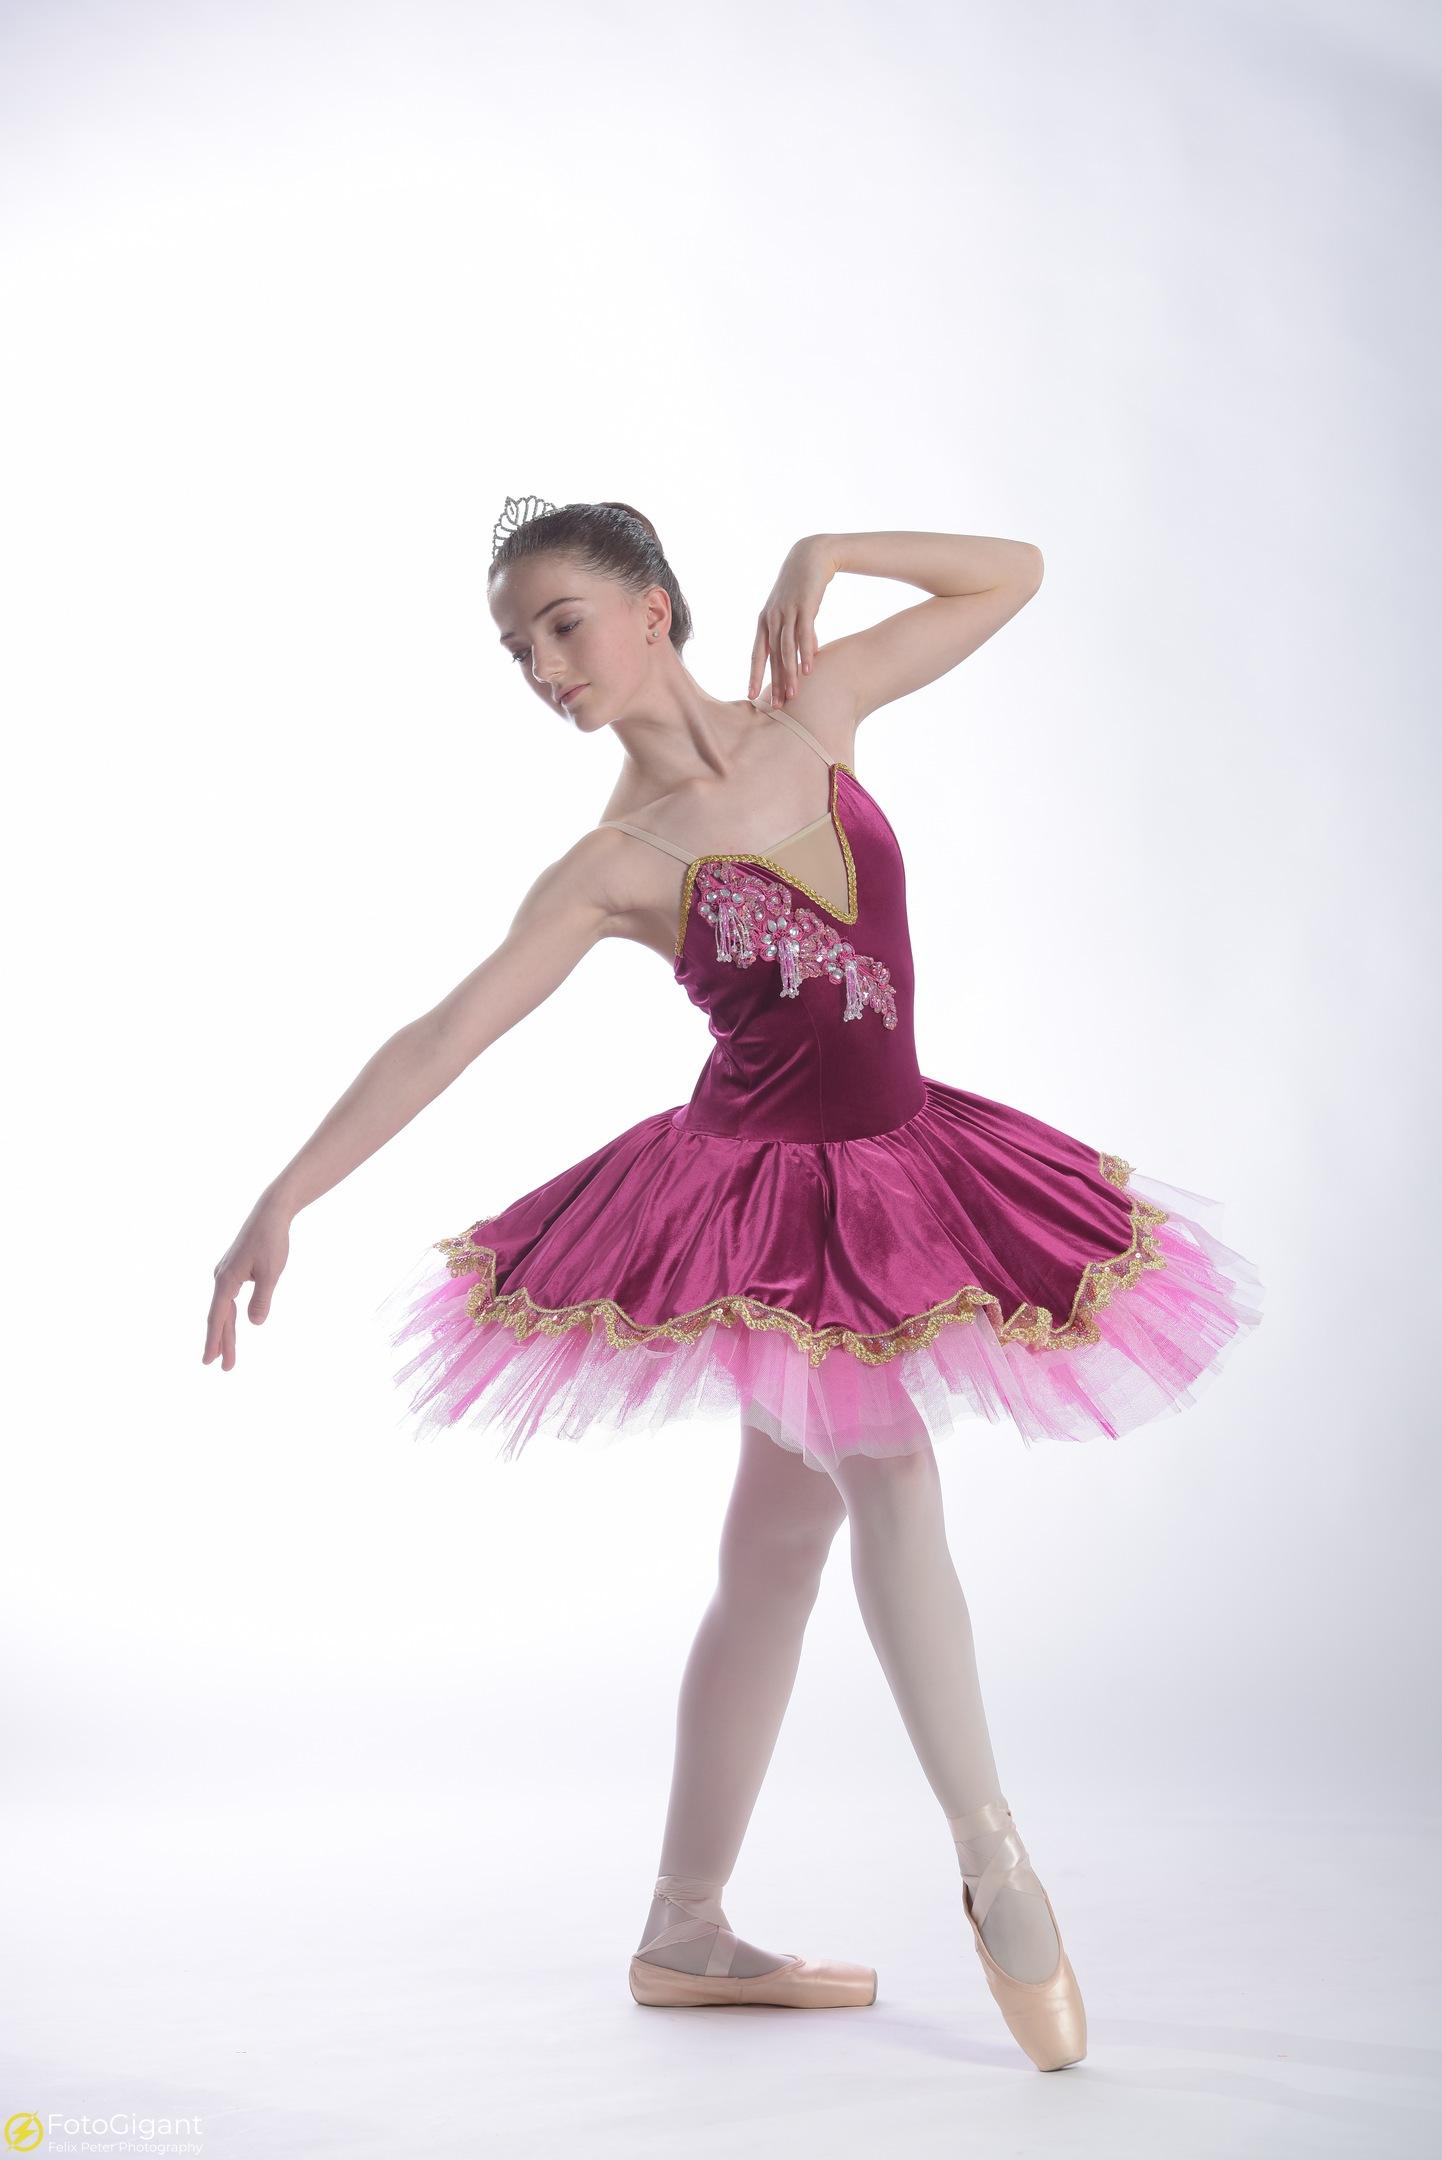 Ballett-Akademie_Luzern_37.jpg